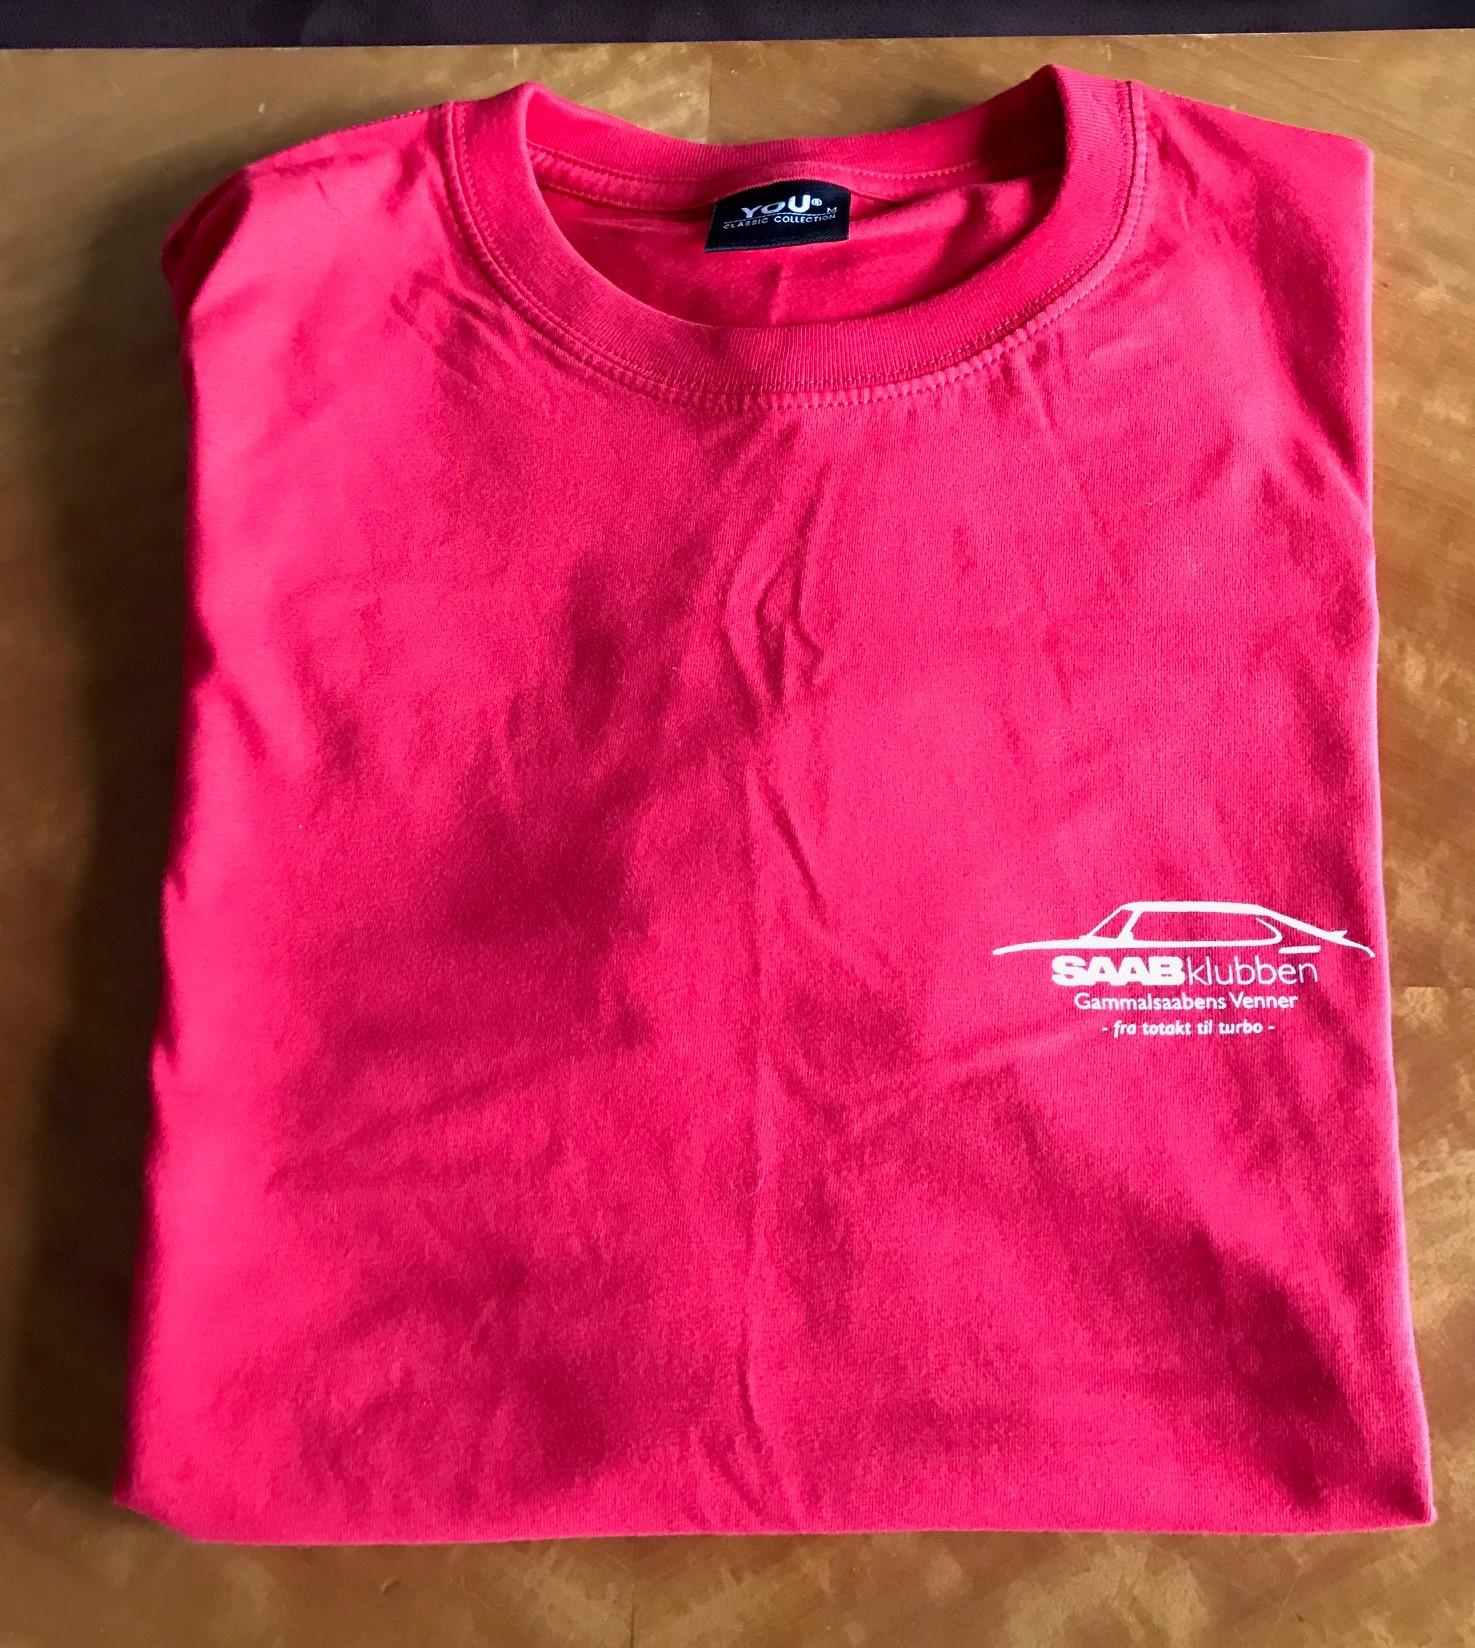 c97f3b1b GSV T-skjorte rød (ny logo) - Gammalsaabens Venner